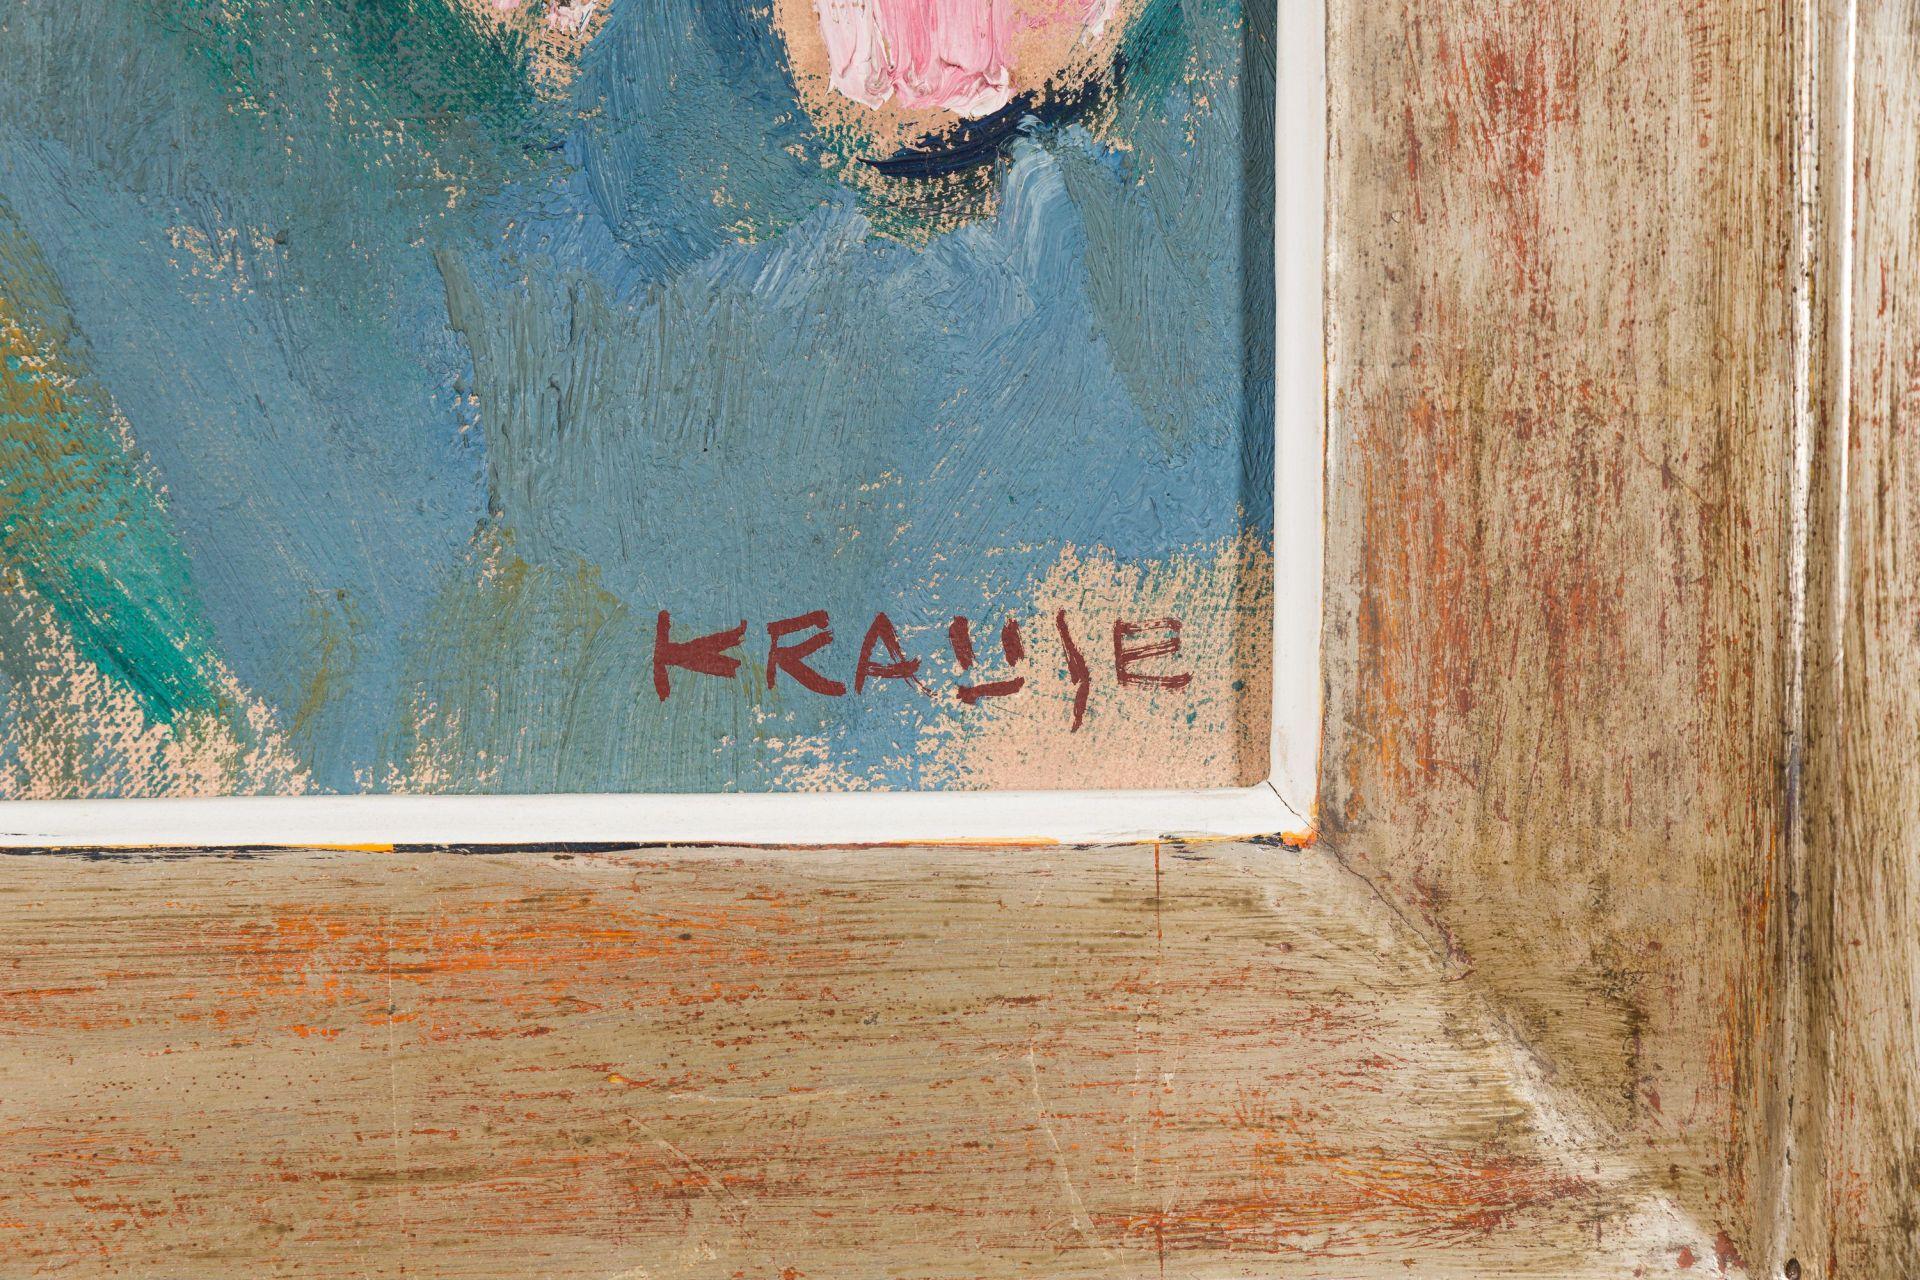 Krause Heinrich-Peonies